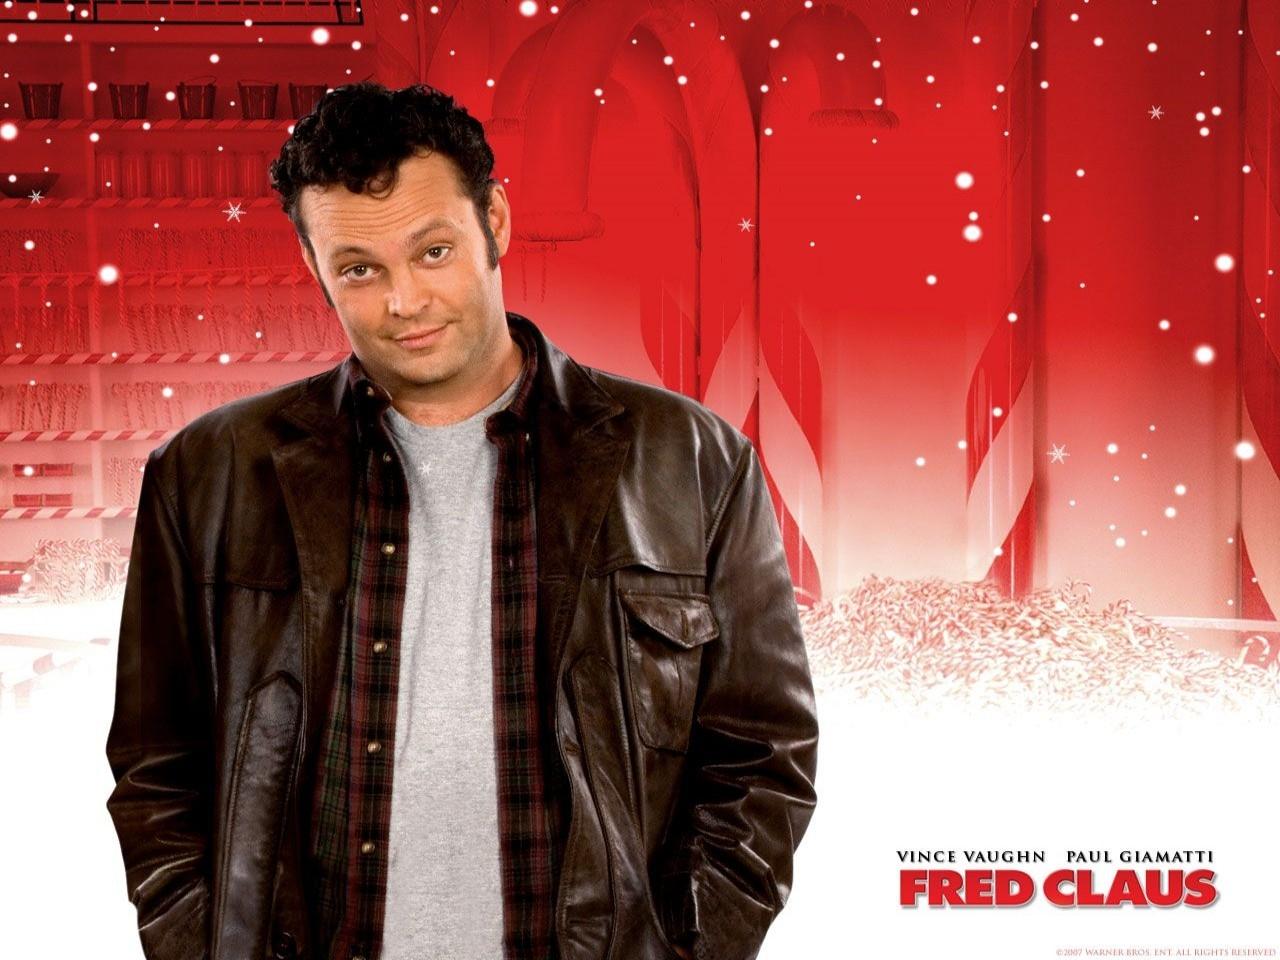 Wallpaper del film Fred Claus - Un fratello sotto l'albero con Vince Vaughn